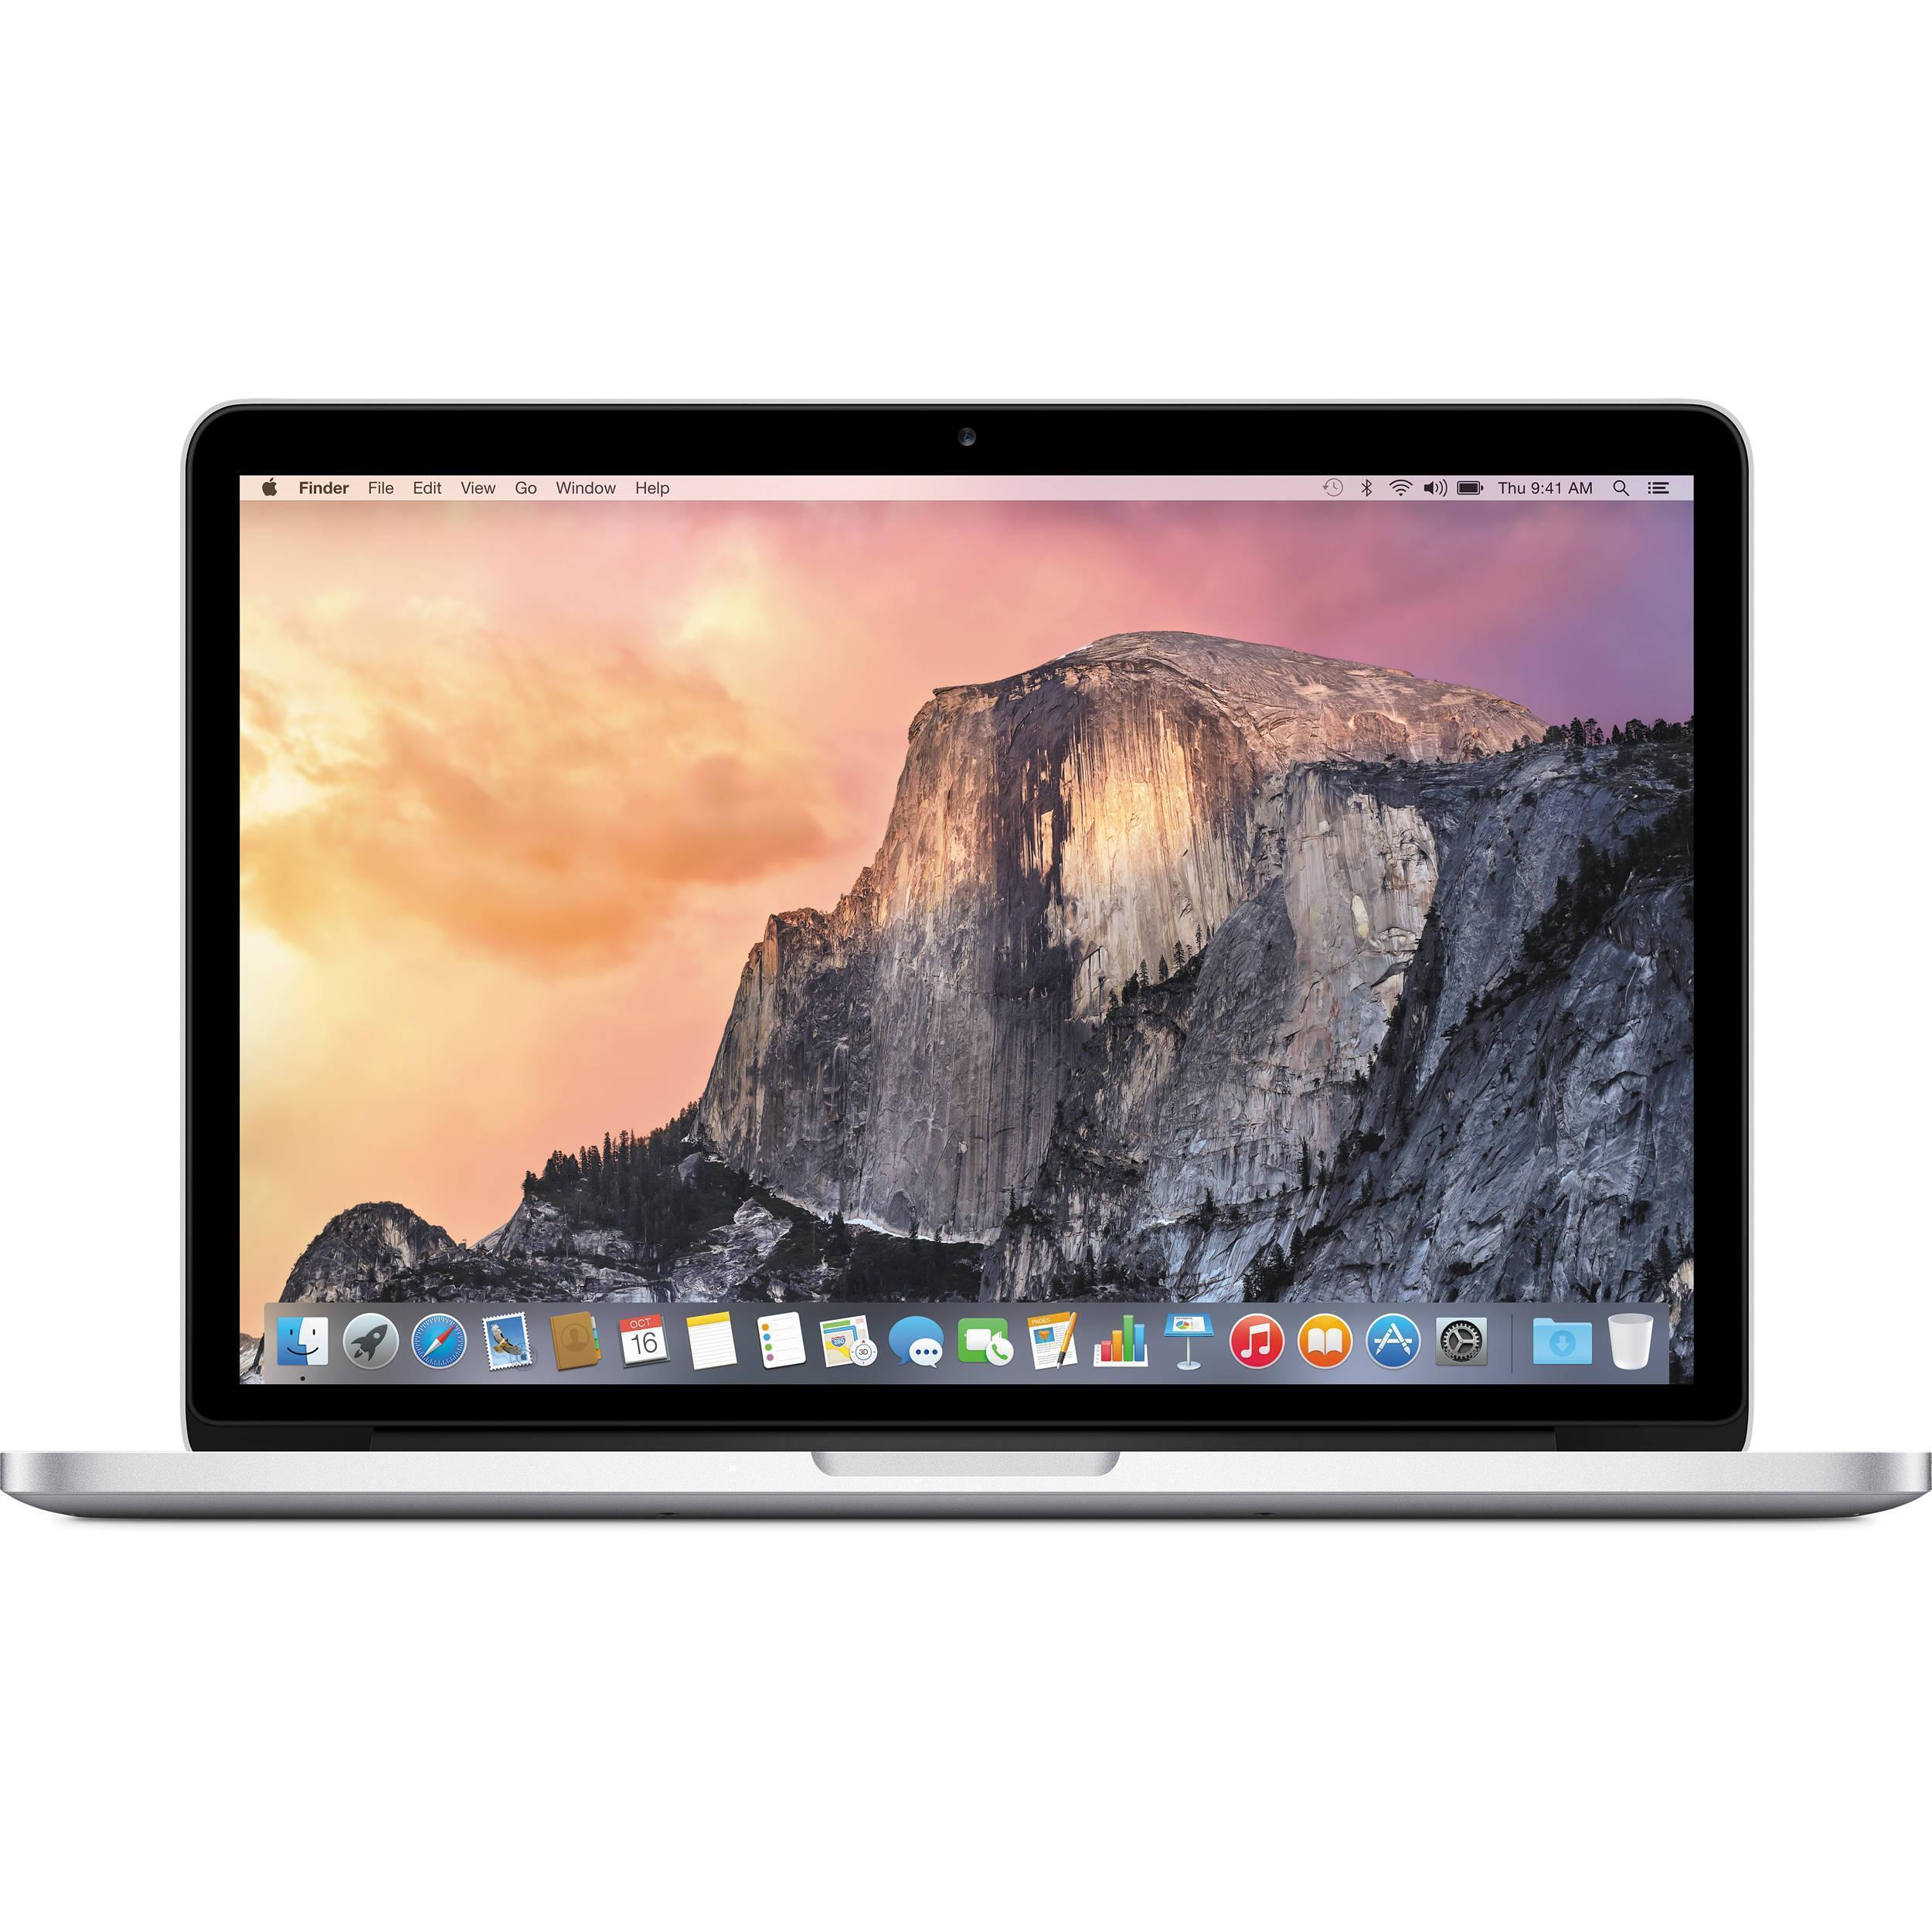 MacBook Pro Retina 13,3-tum (2015) - Core i5 - 8GB - SSD 128 GB QWERTY - Engelska (Storbritannien)